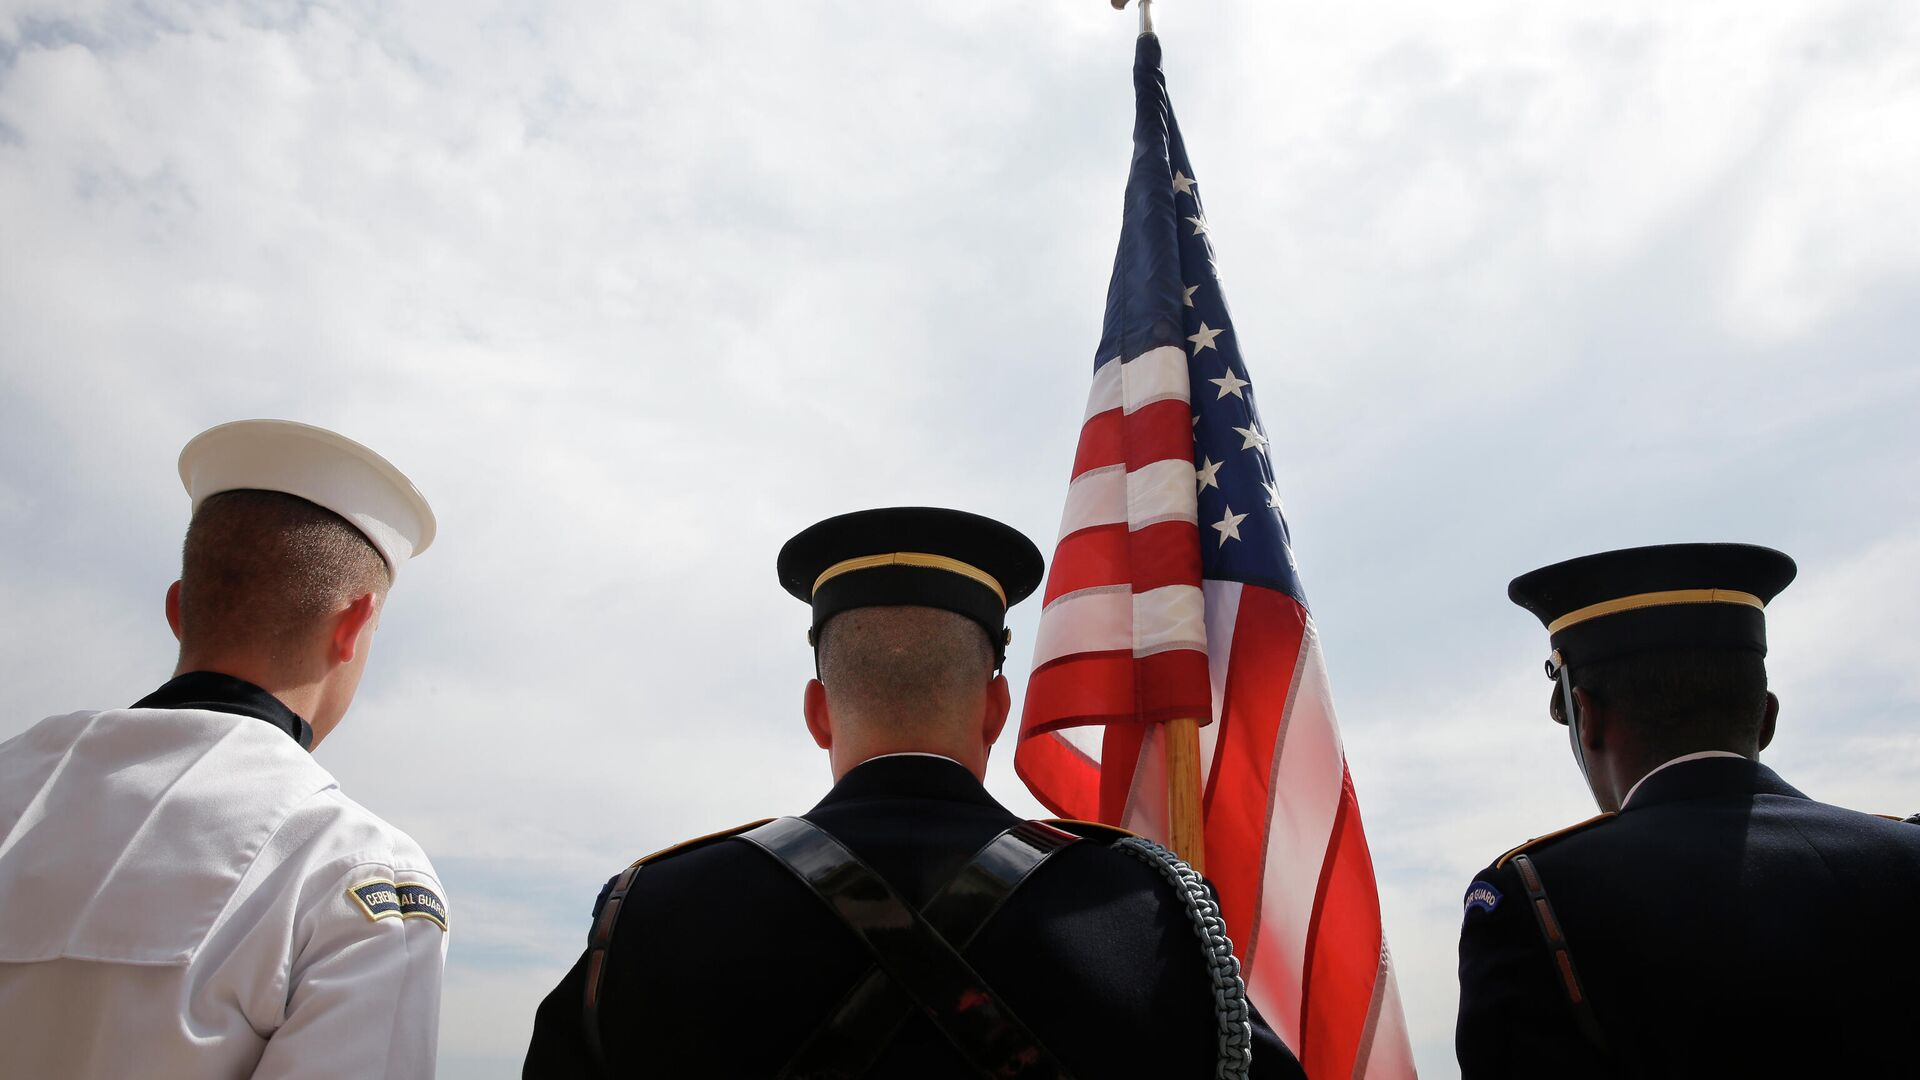 Почетный караул у здания Пентагона, где расположена Штаб-квартира Министерства обороны США - РИА Новости, 1920, 29.04.2021